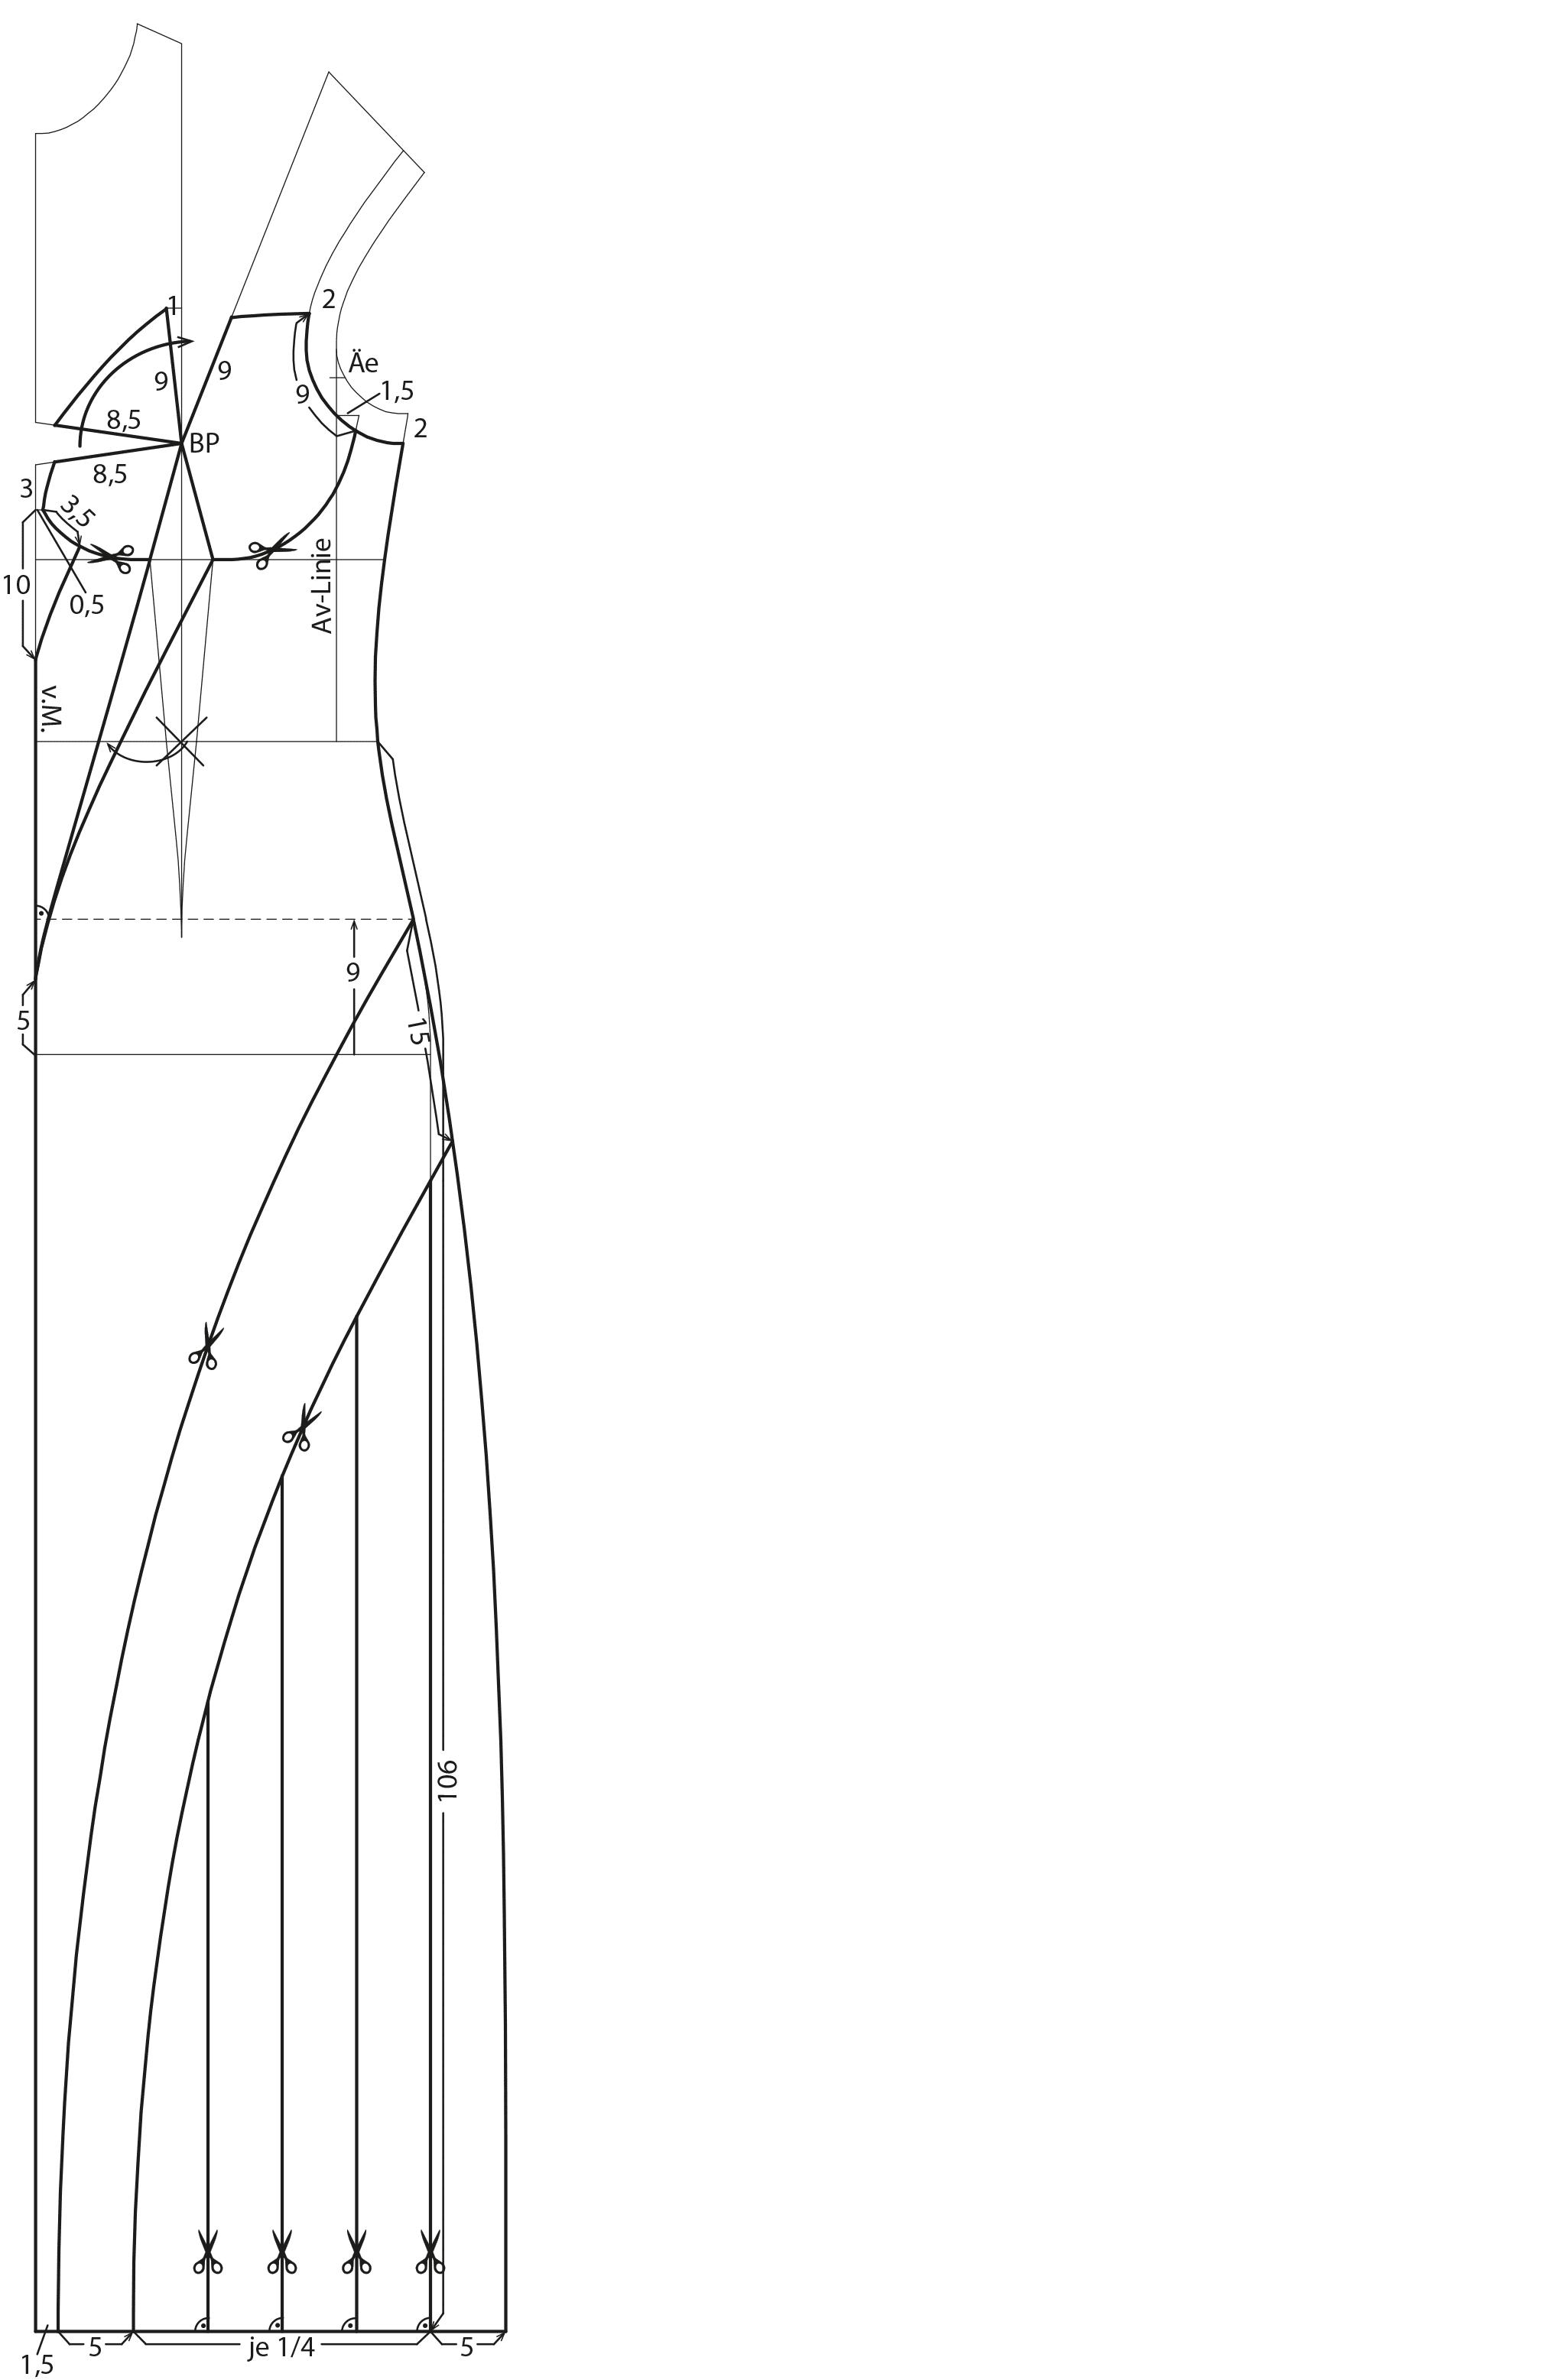 Die Abbilung zeigt die Schnittkonstruktion eines langen Kleides.